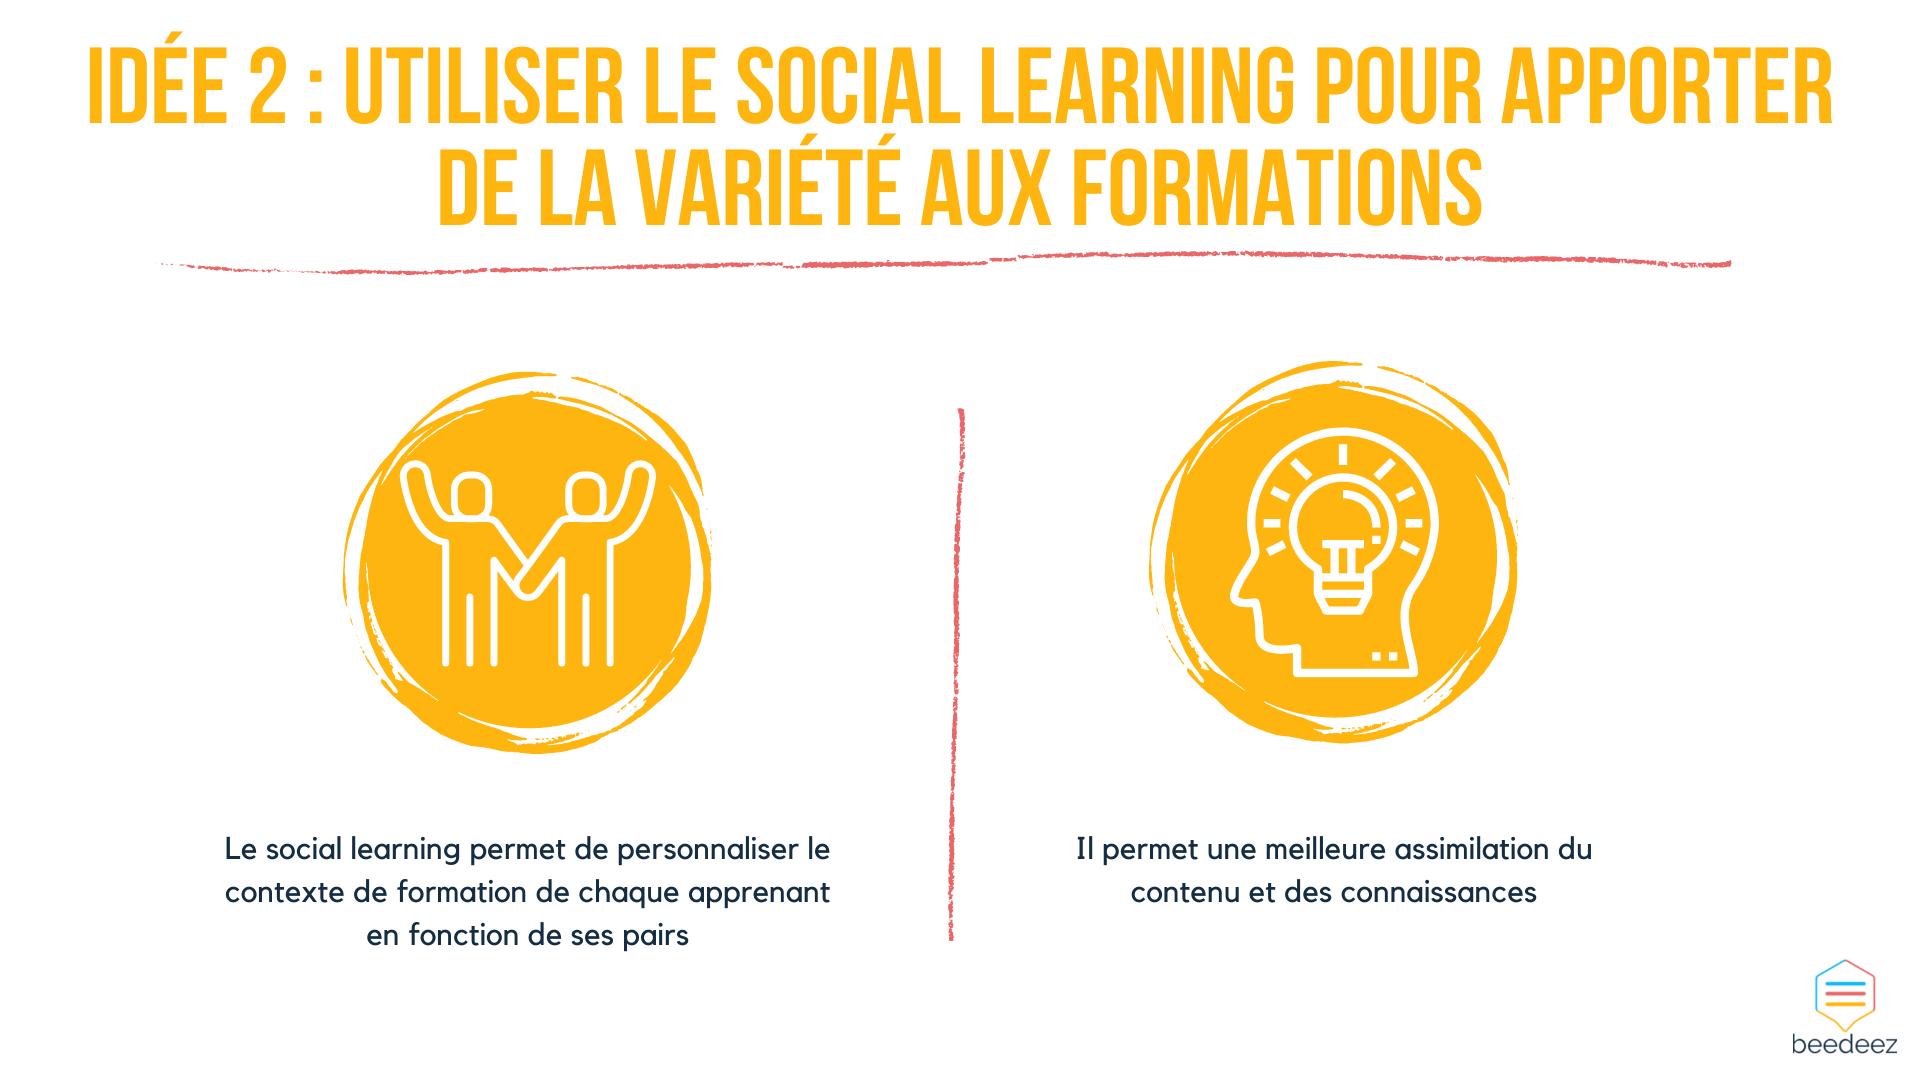 Utiliser le social learning pour apporter de la variété aux formations